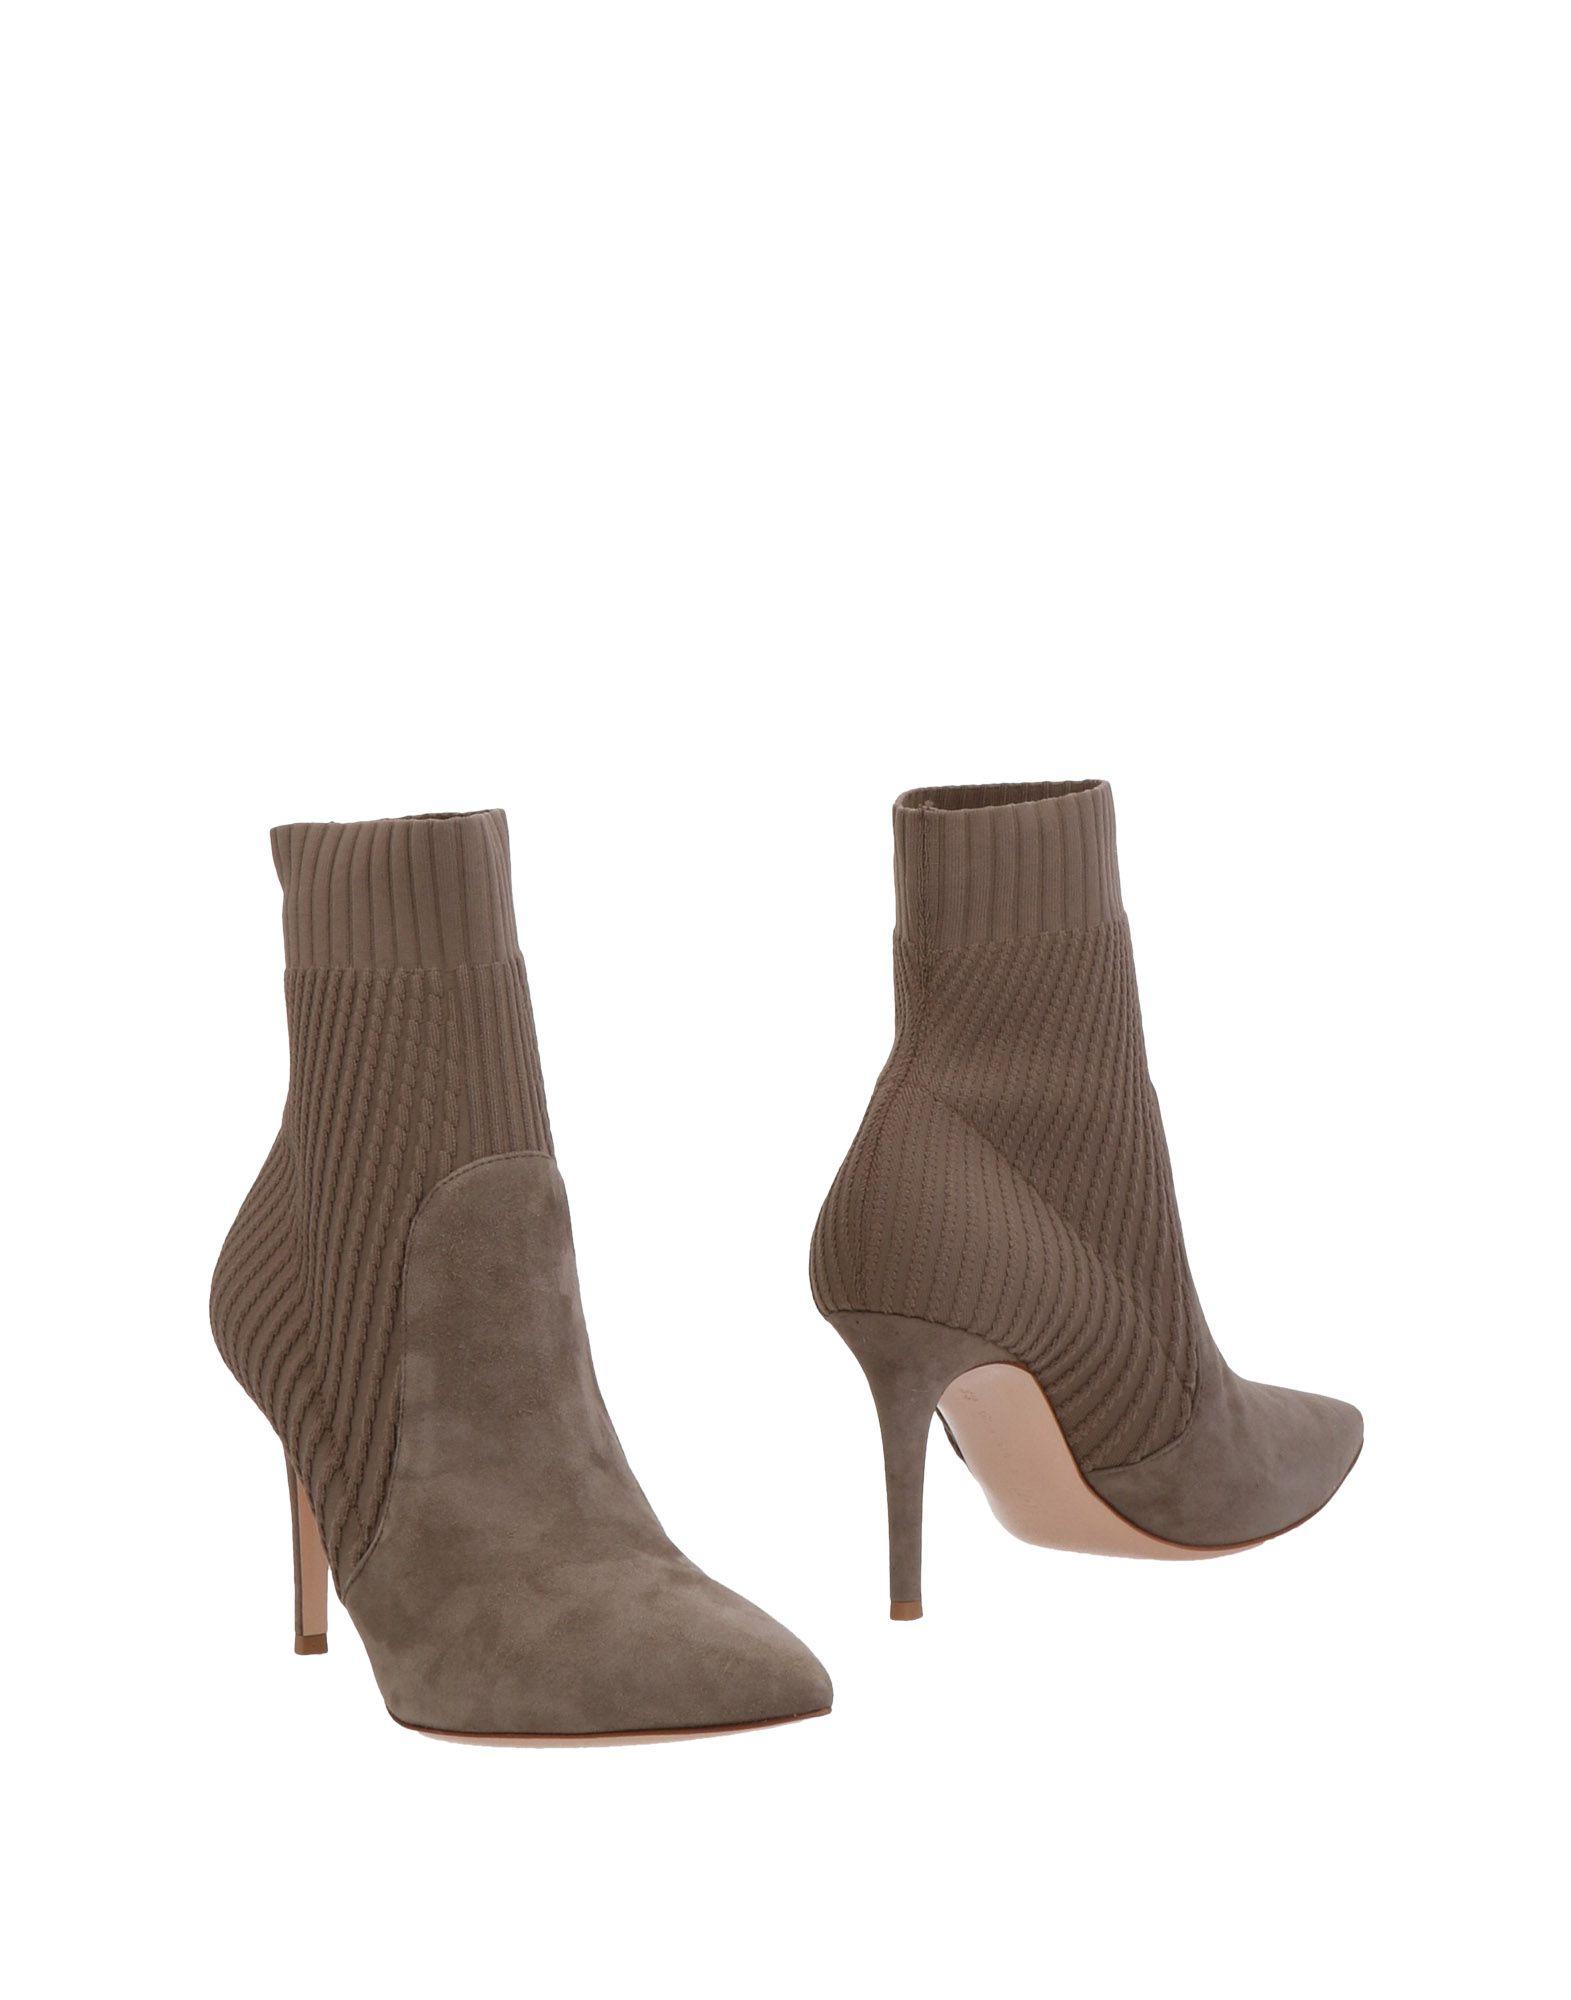 Gianvito Rossi Stiefelette Damen  11466107LHGünstige gut aussehende Schuhe